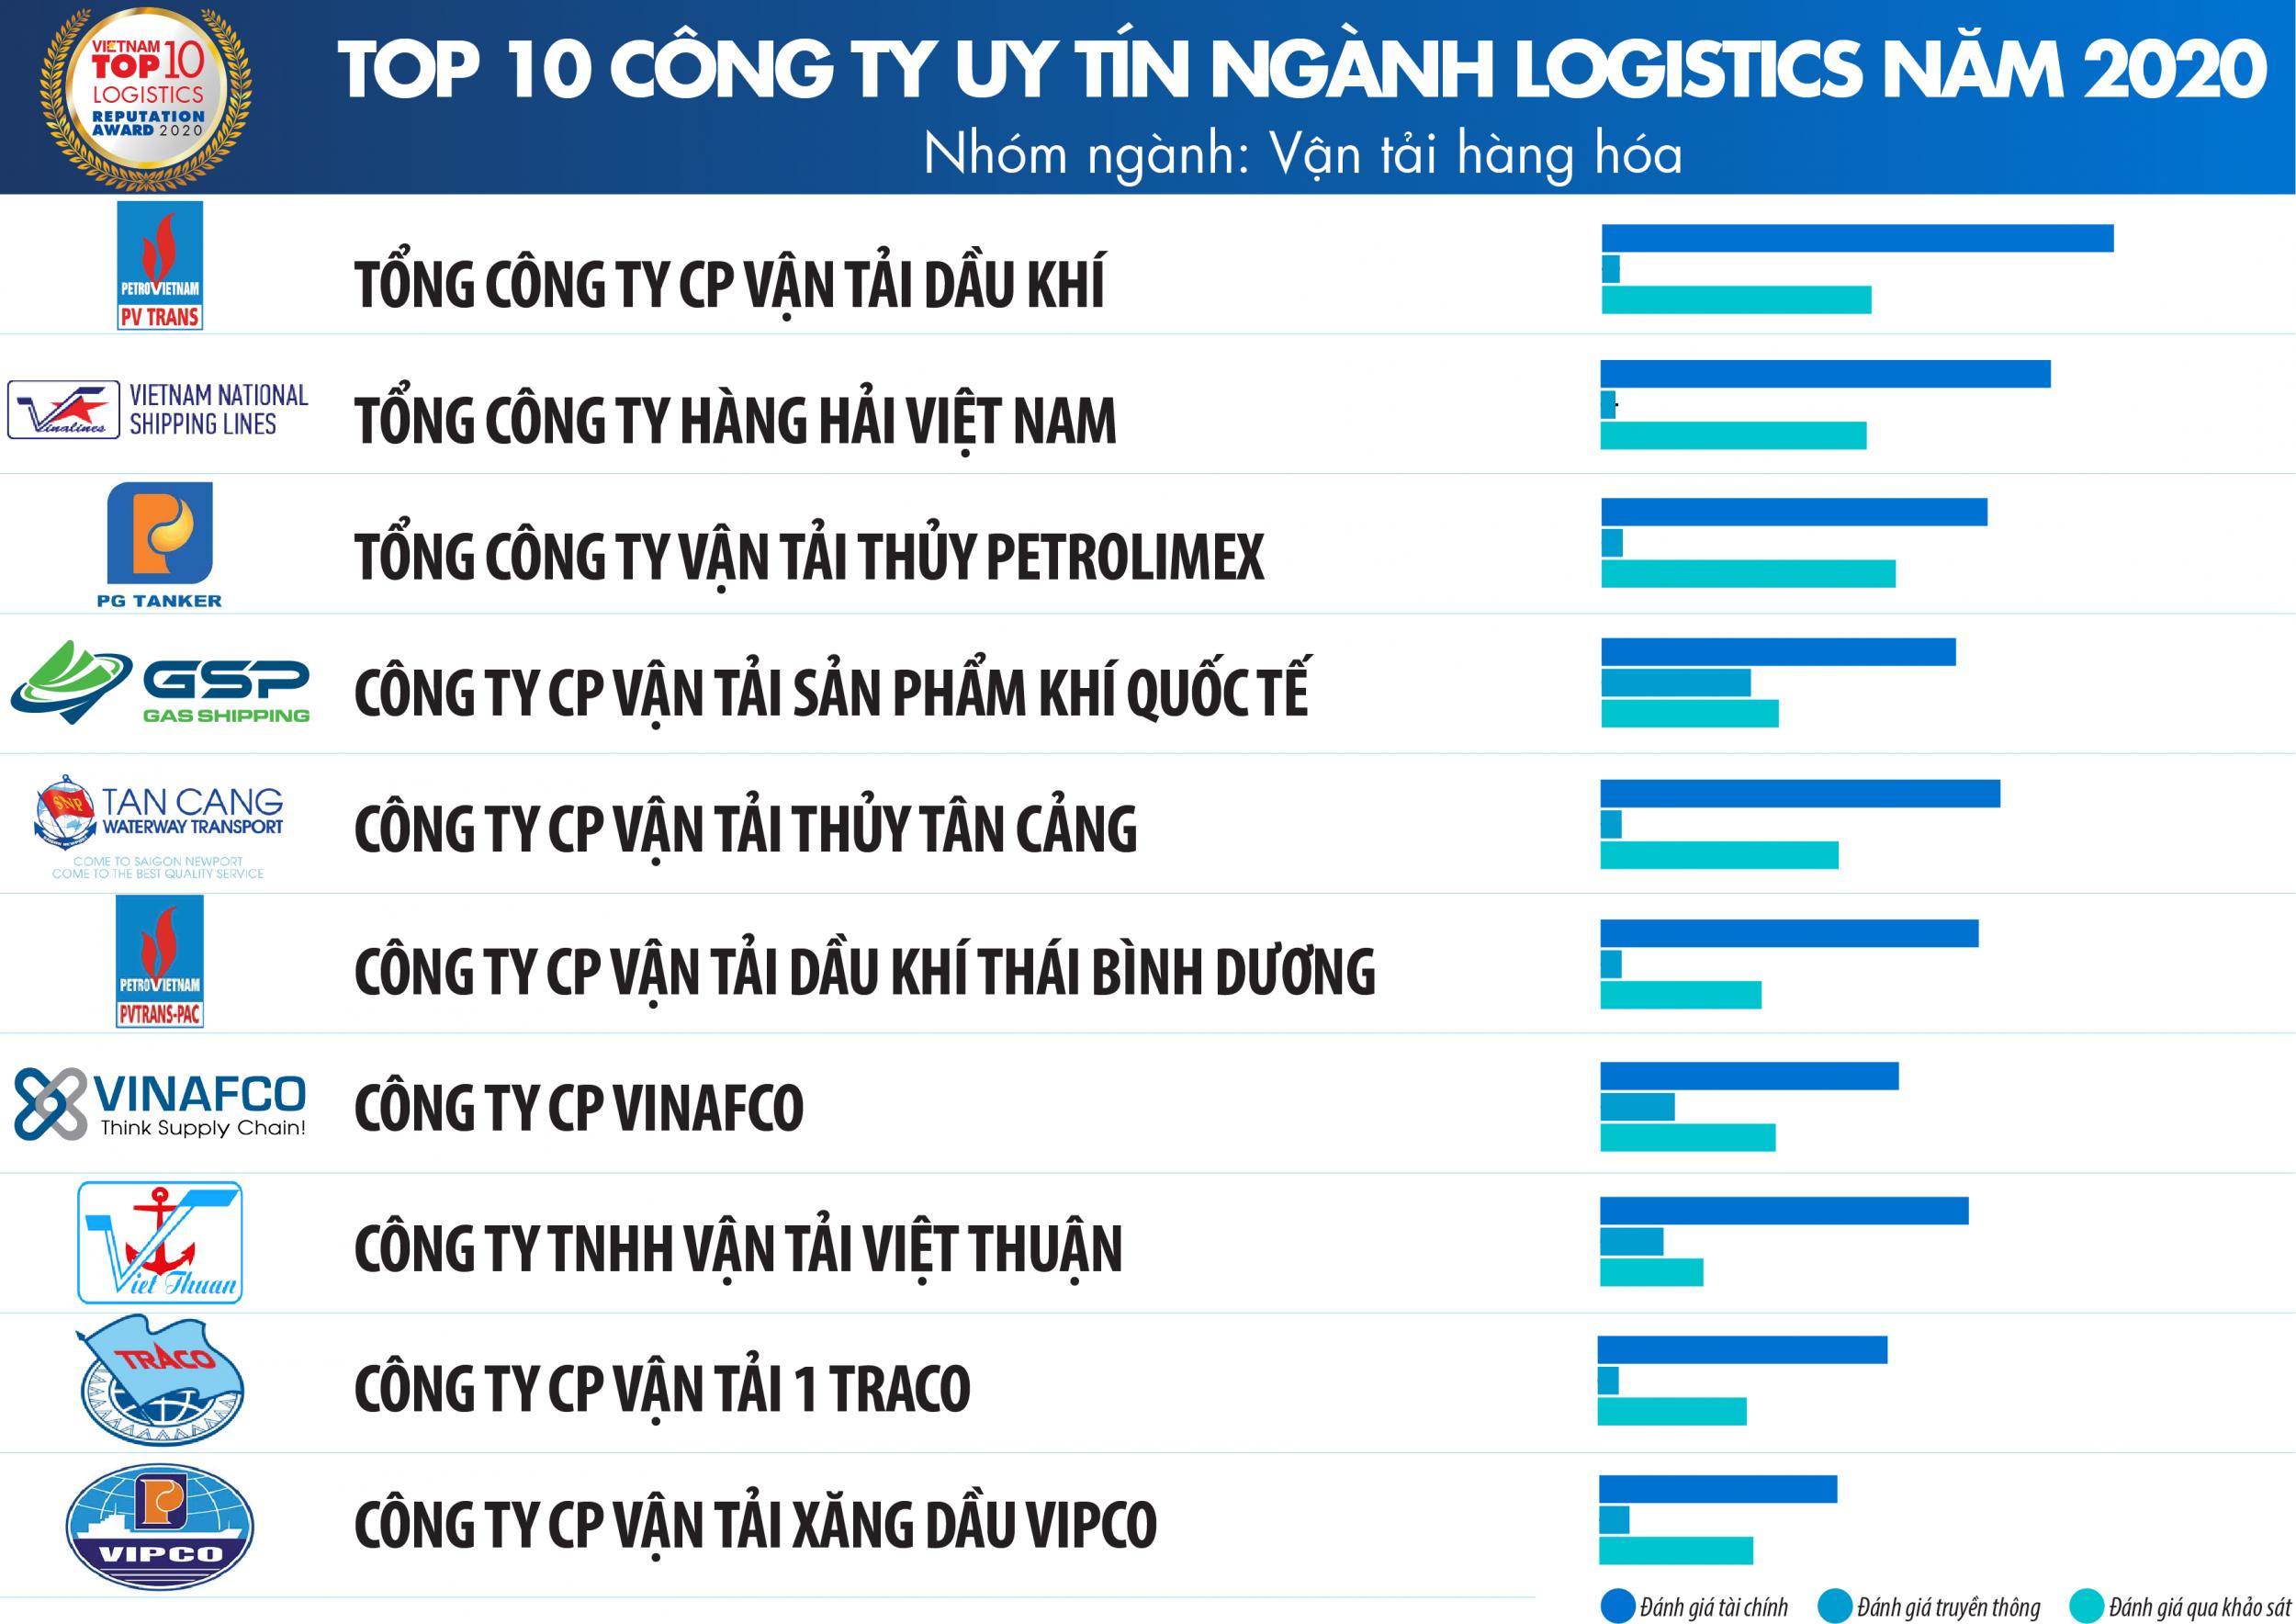 PVTrans vào Top 10 Công ty uy tín ngành Logistics 2020